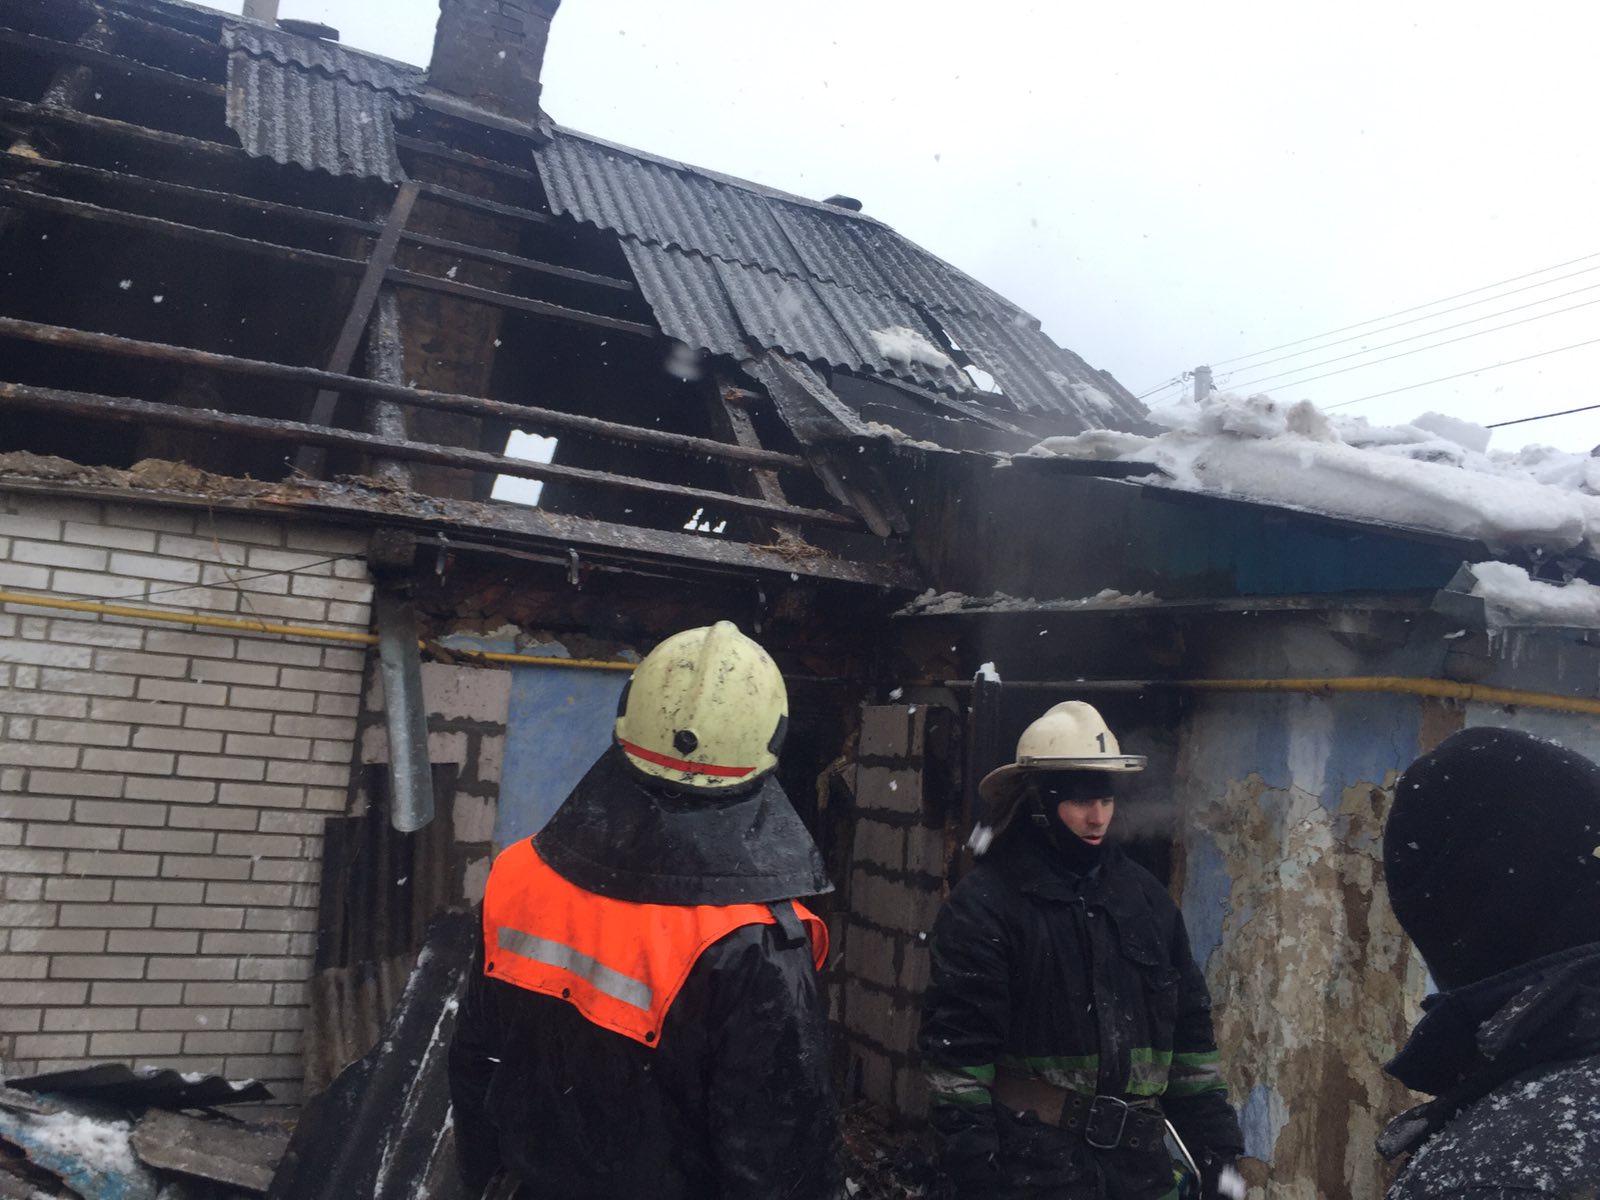 Трагедія у Білій Церкві: в пожежі загинула 5-річна дівчинка - загинула людина, дівчинка, вогонь - 2021 02 18 08 59 43